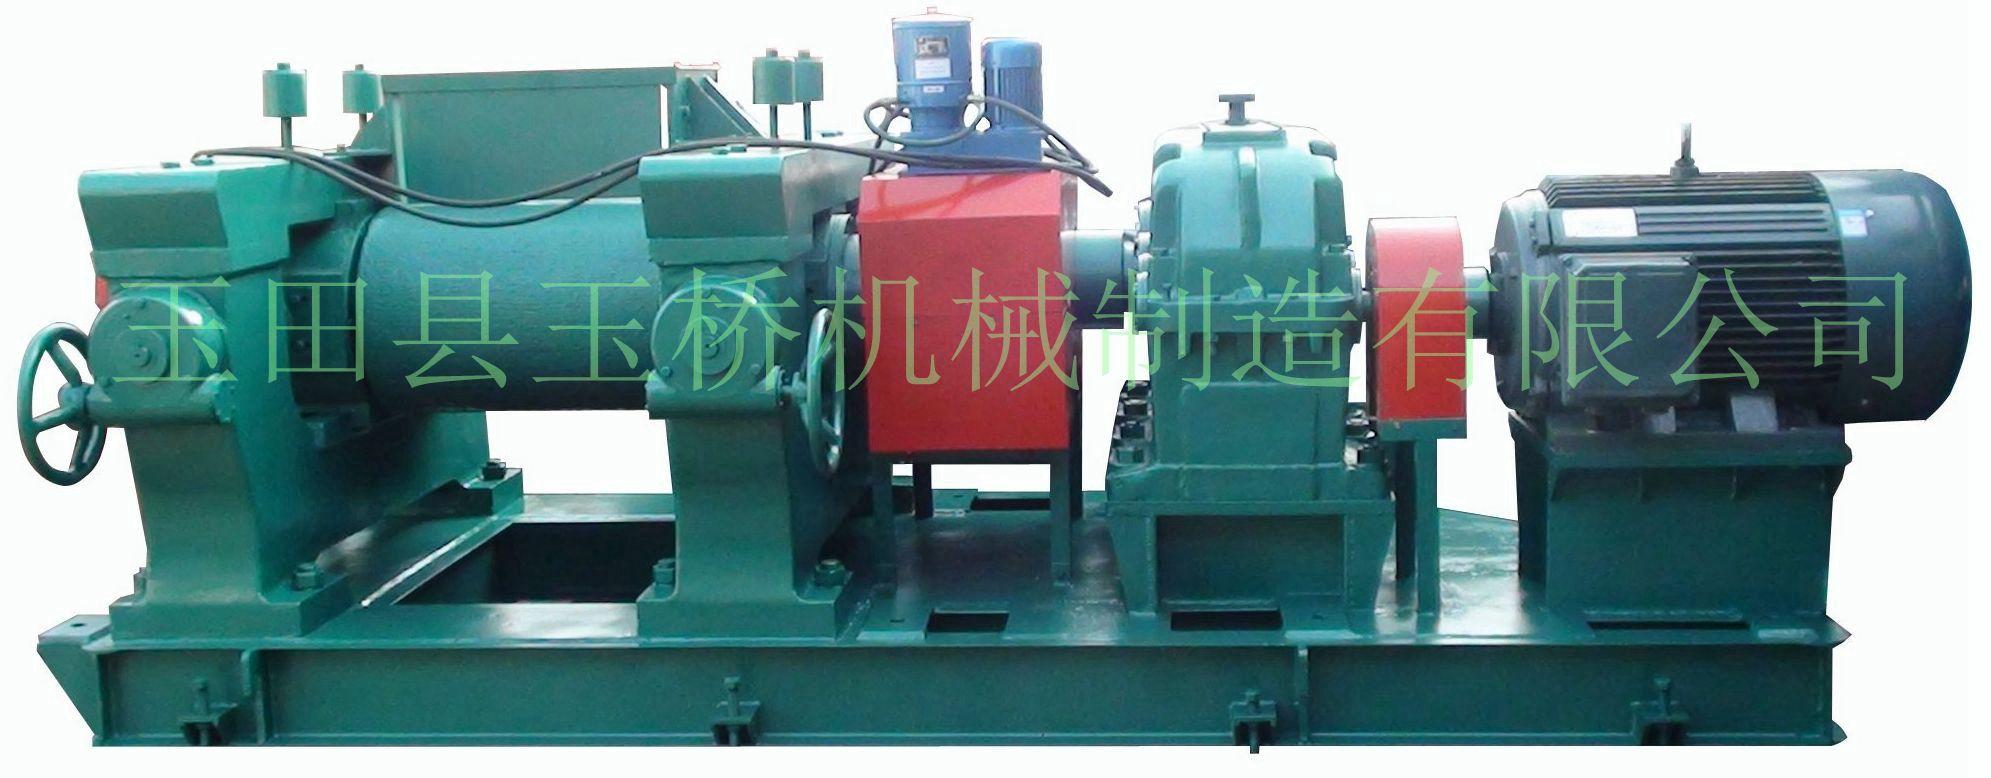 唐山橡胶机械